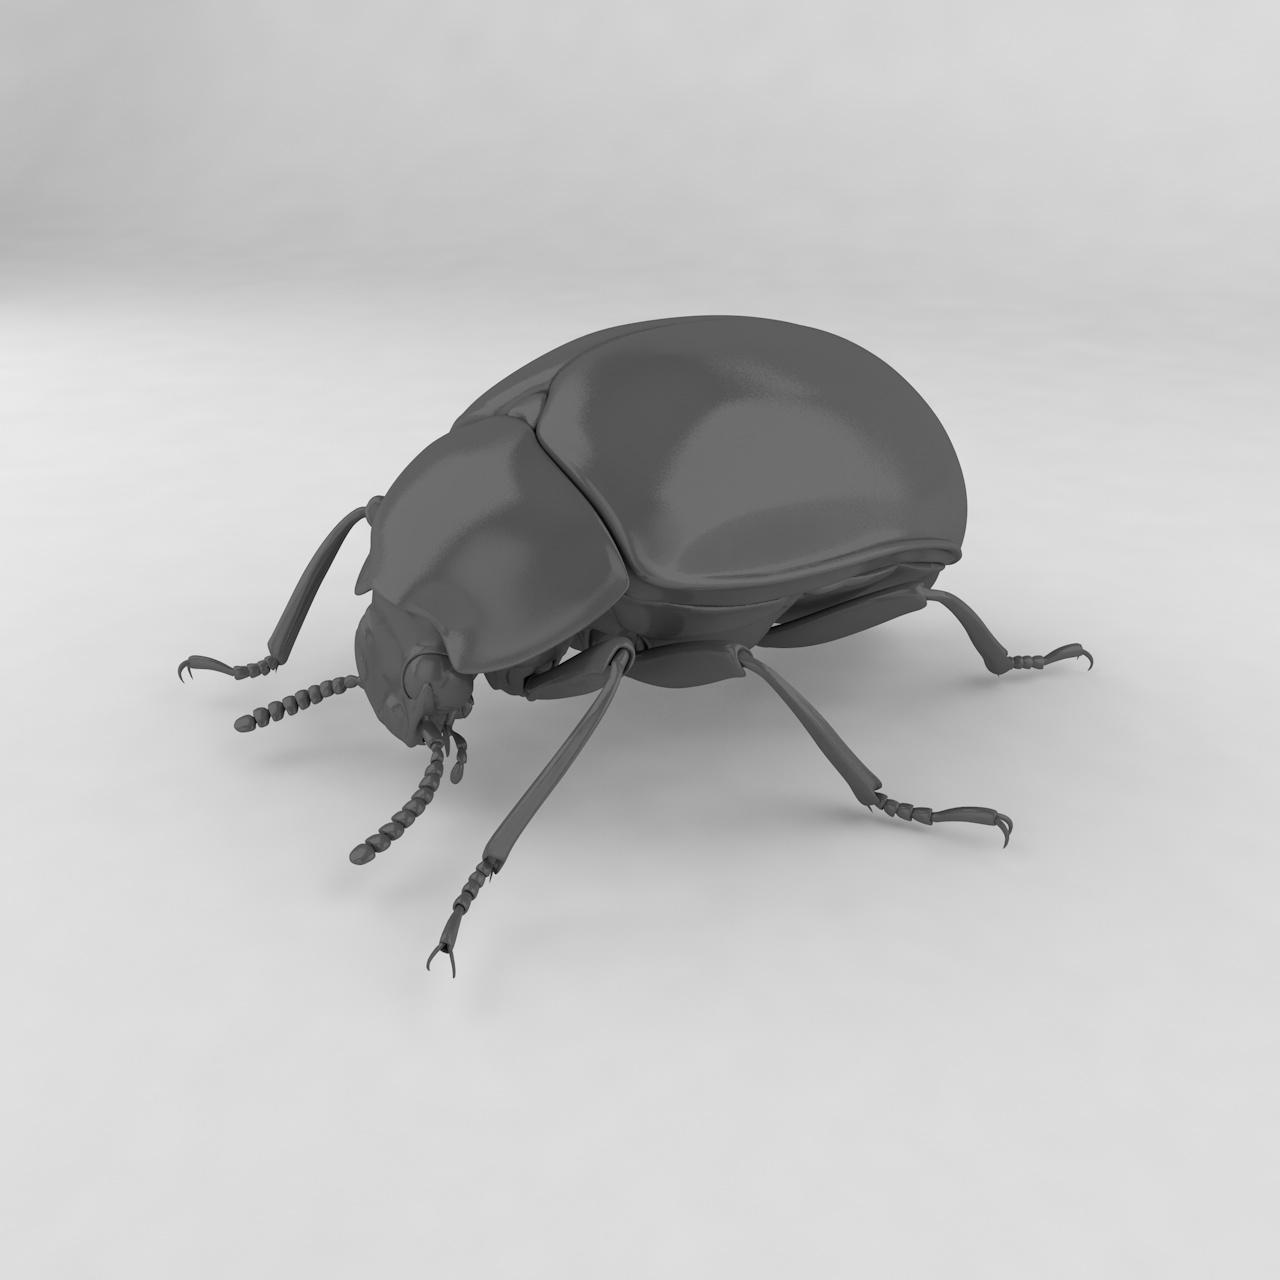 Диаперис левиси инсект беетлес 3д модел